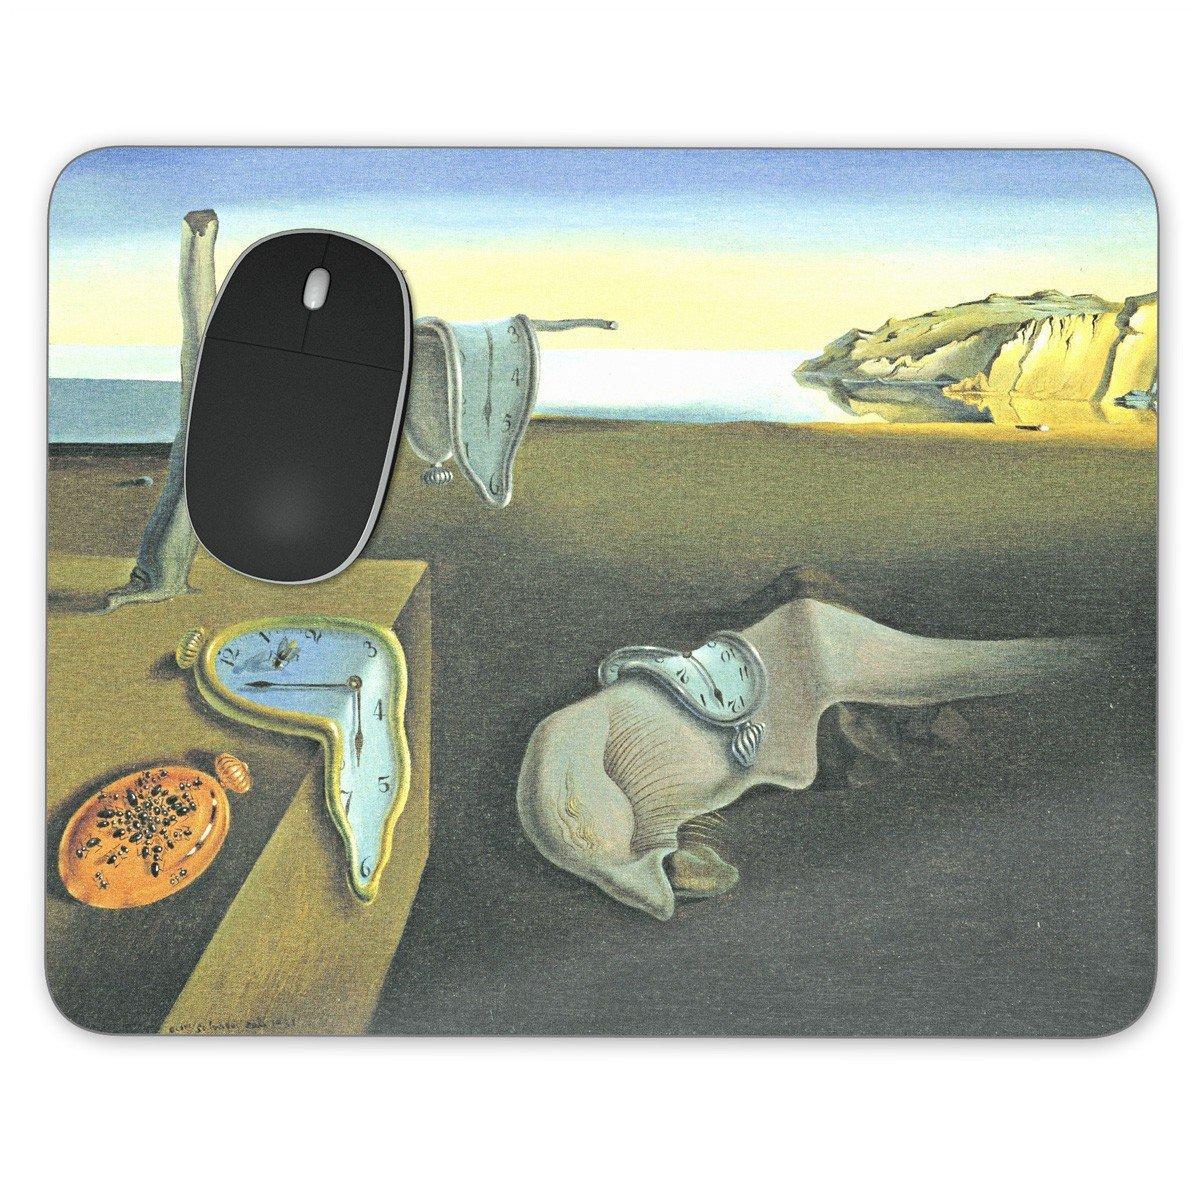 Relojes de fusión Salvador Dalí Fine Art Mousepad - neopreno para ópticas y ratón láser, multicolor, Rectangle Mousepad: Amazon.es: Oficina y papelería